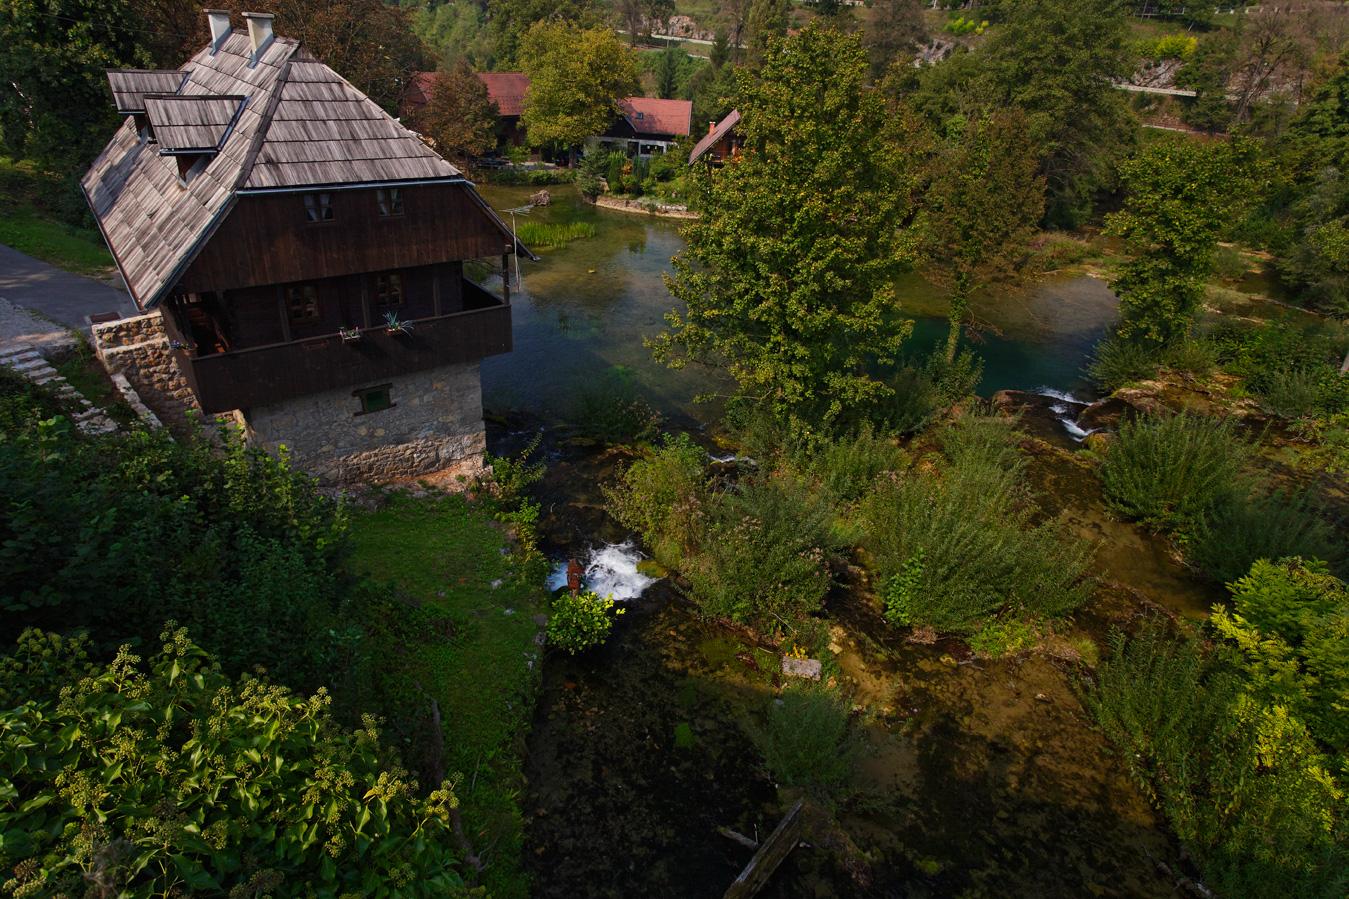 rastoke, slunj, watermill, croatia